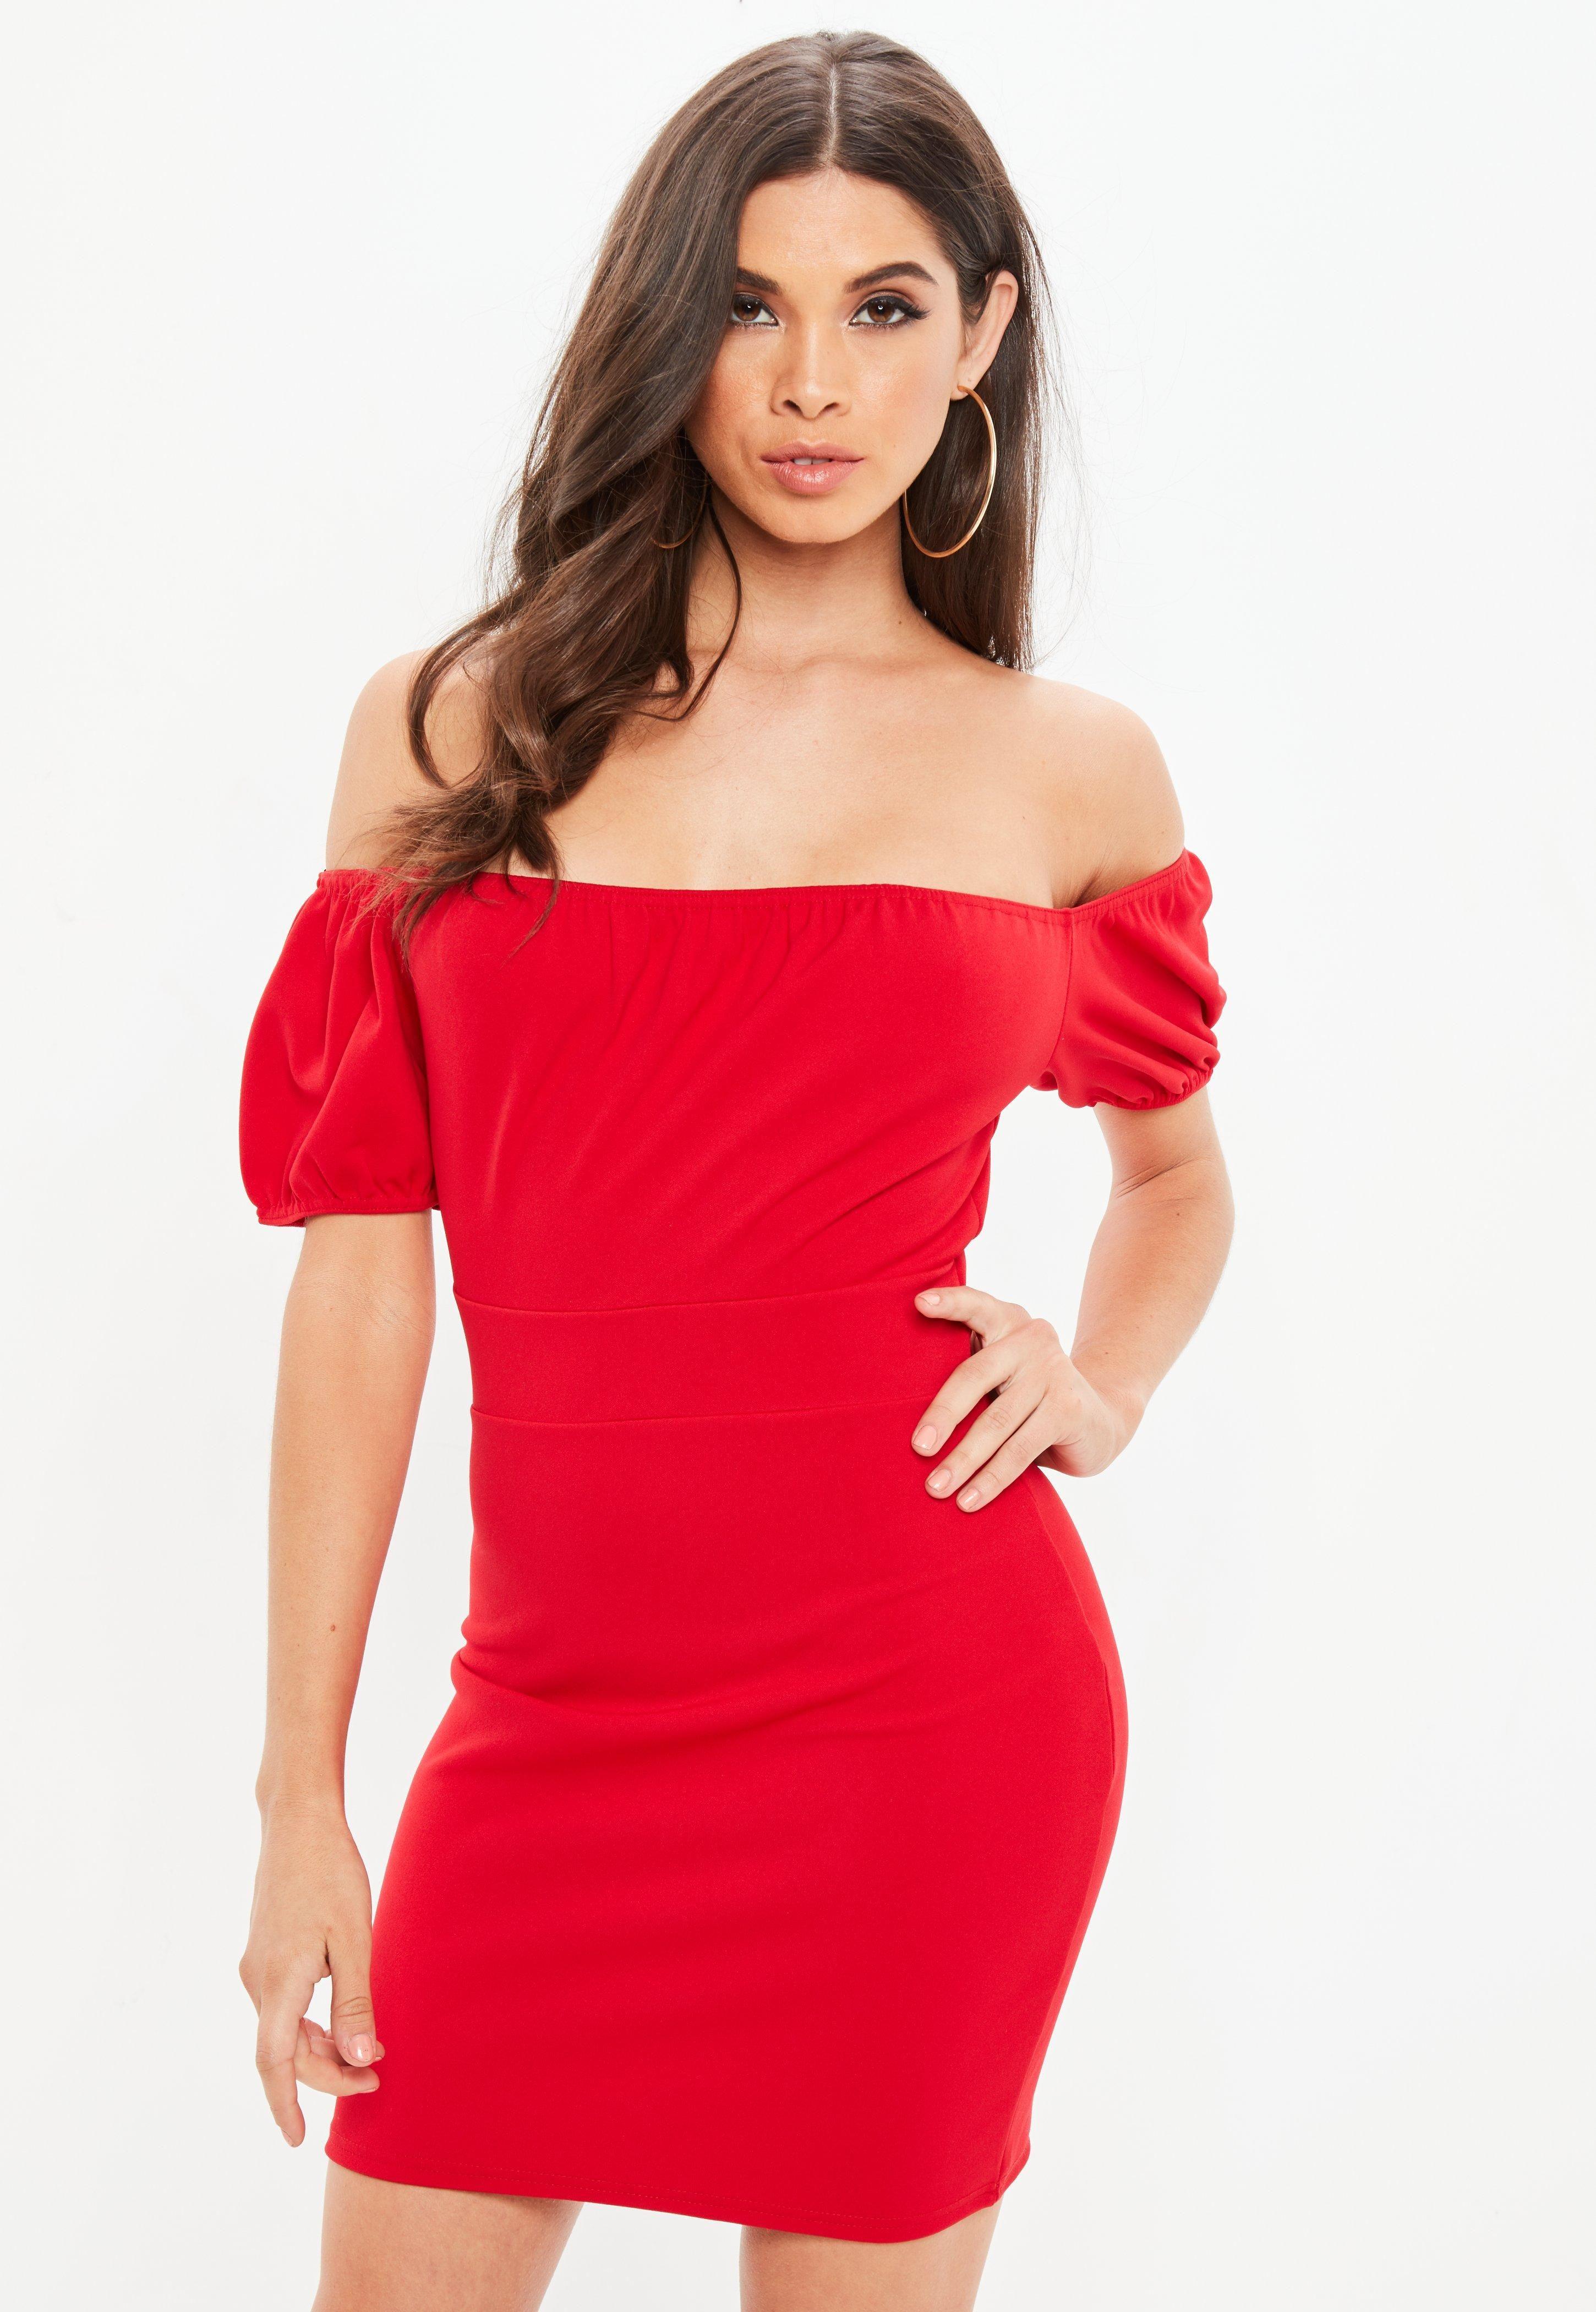 2b3e009fe6bb 12/30/18 Brand/Designer: Missguided Material: Elastane /Polyester Dress  Length: Mini-Dress Short Dress Silhouette: Bodycon Neckline: Bardot Neck